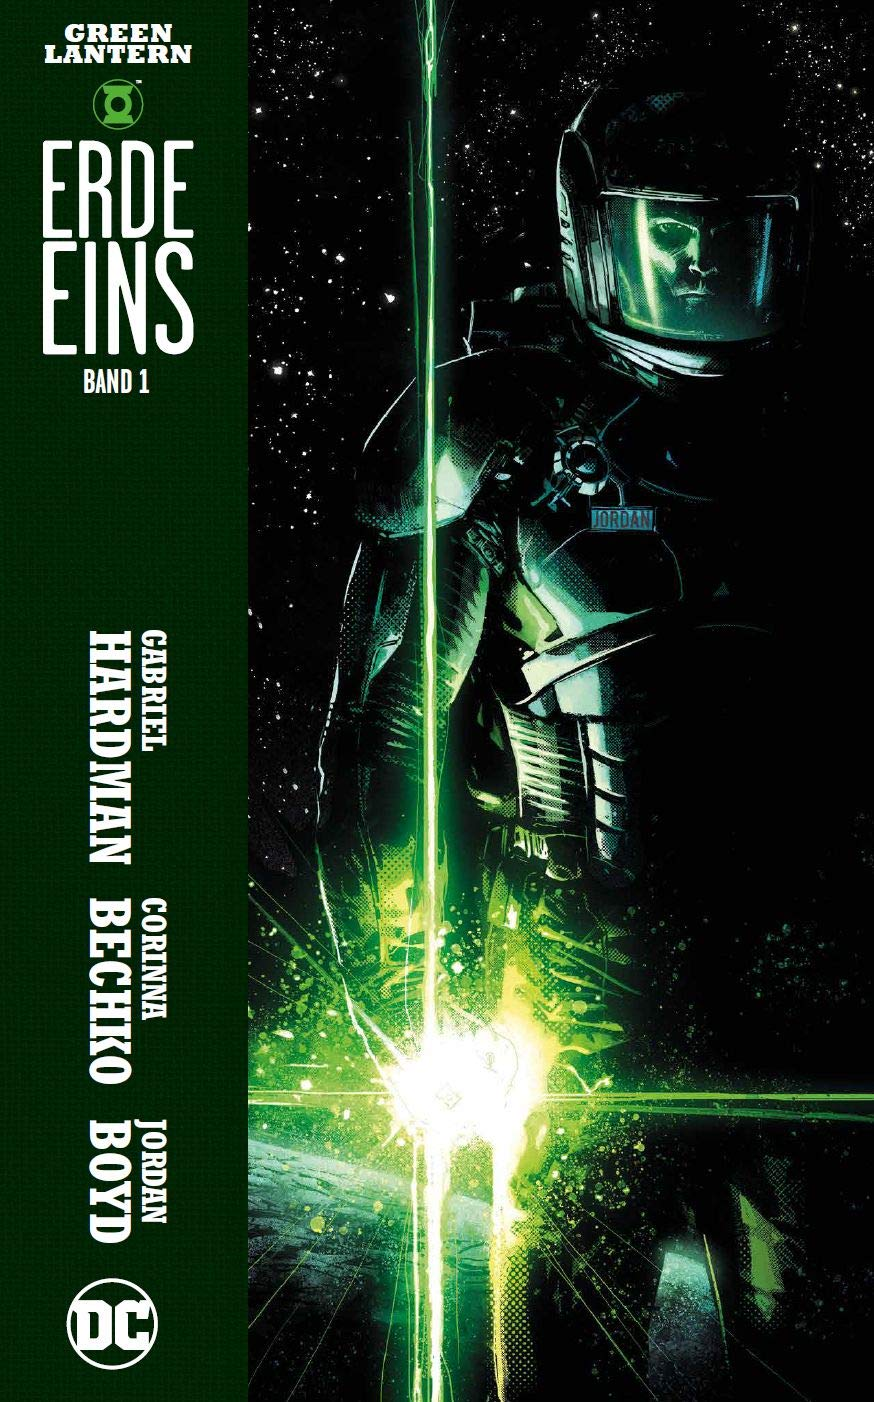 Green Lantern: Erde Eins: Bd. 1 Taschenbuch – 22. Oktober 2018 Corinna Bechko Gabriel Hardman Christian Heiß Panini